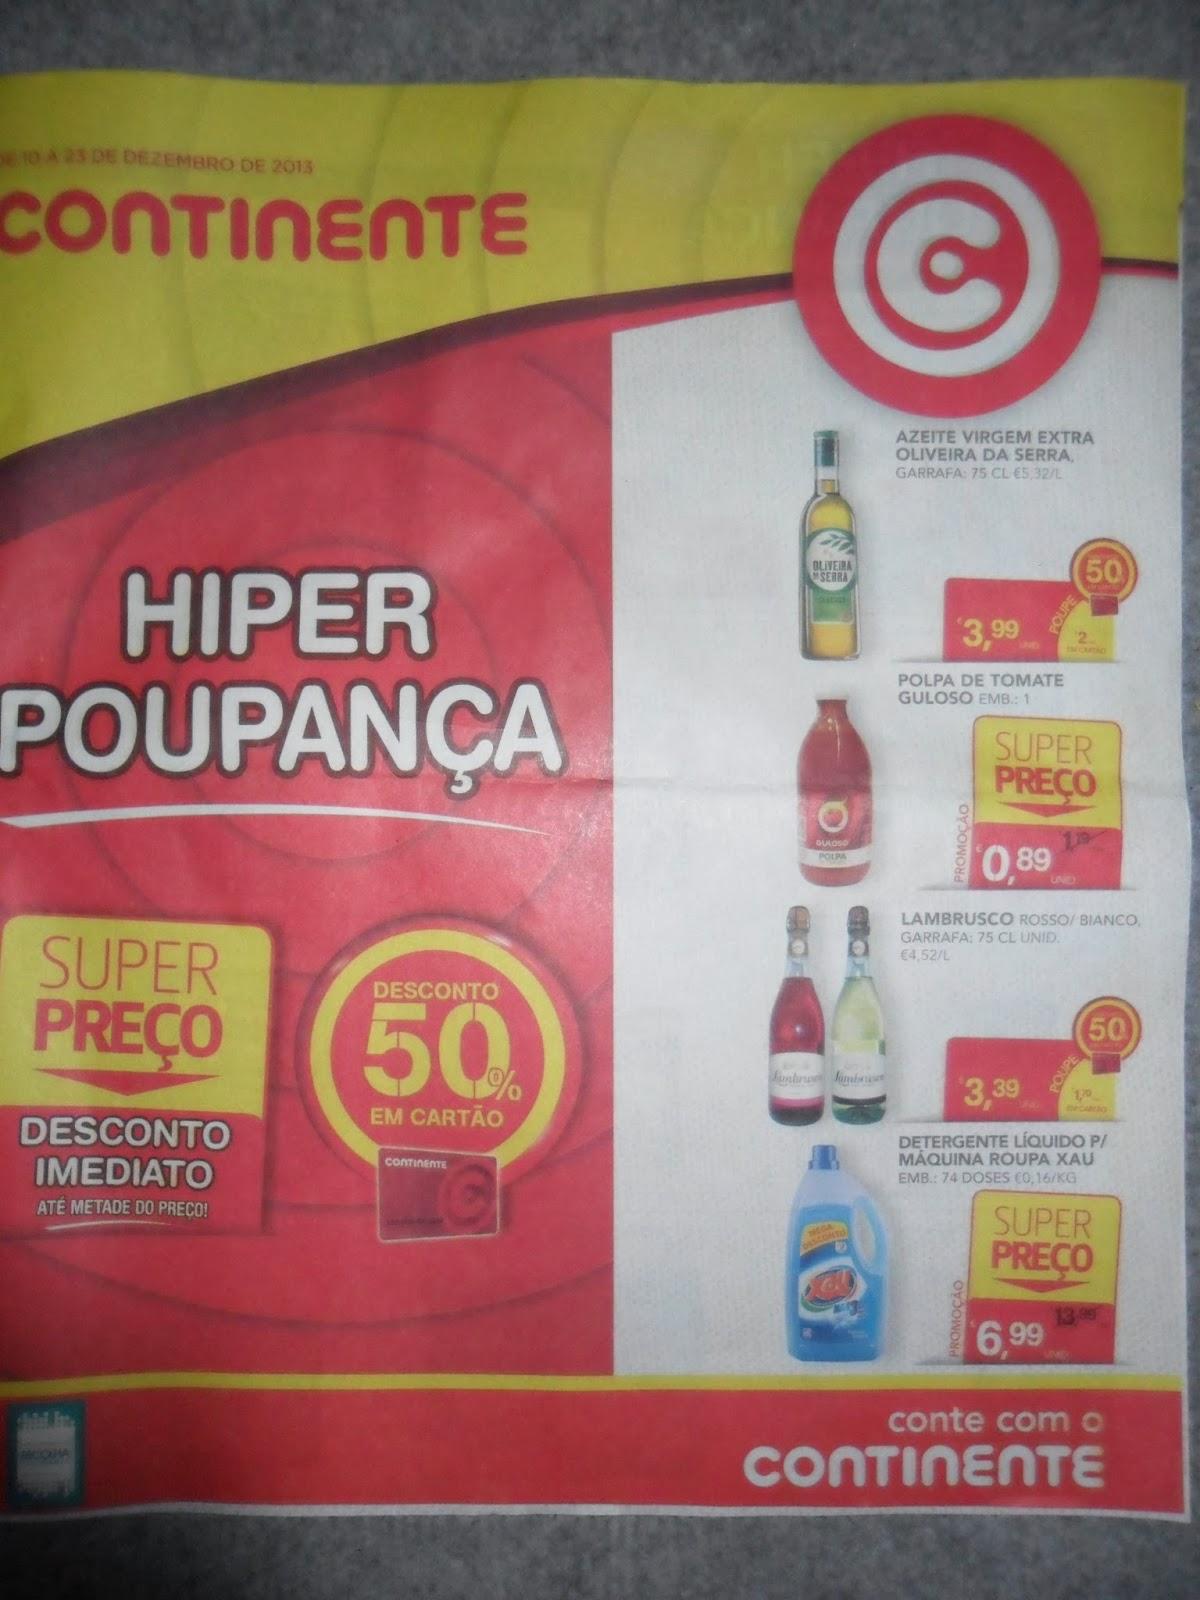 Folheto Continente Modelo - HiperPoupança Super Preço - de 10 a 23 de  Dezembro de 2013 (Açores) 9ae2e83f01